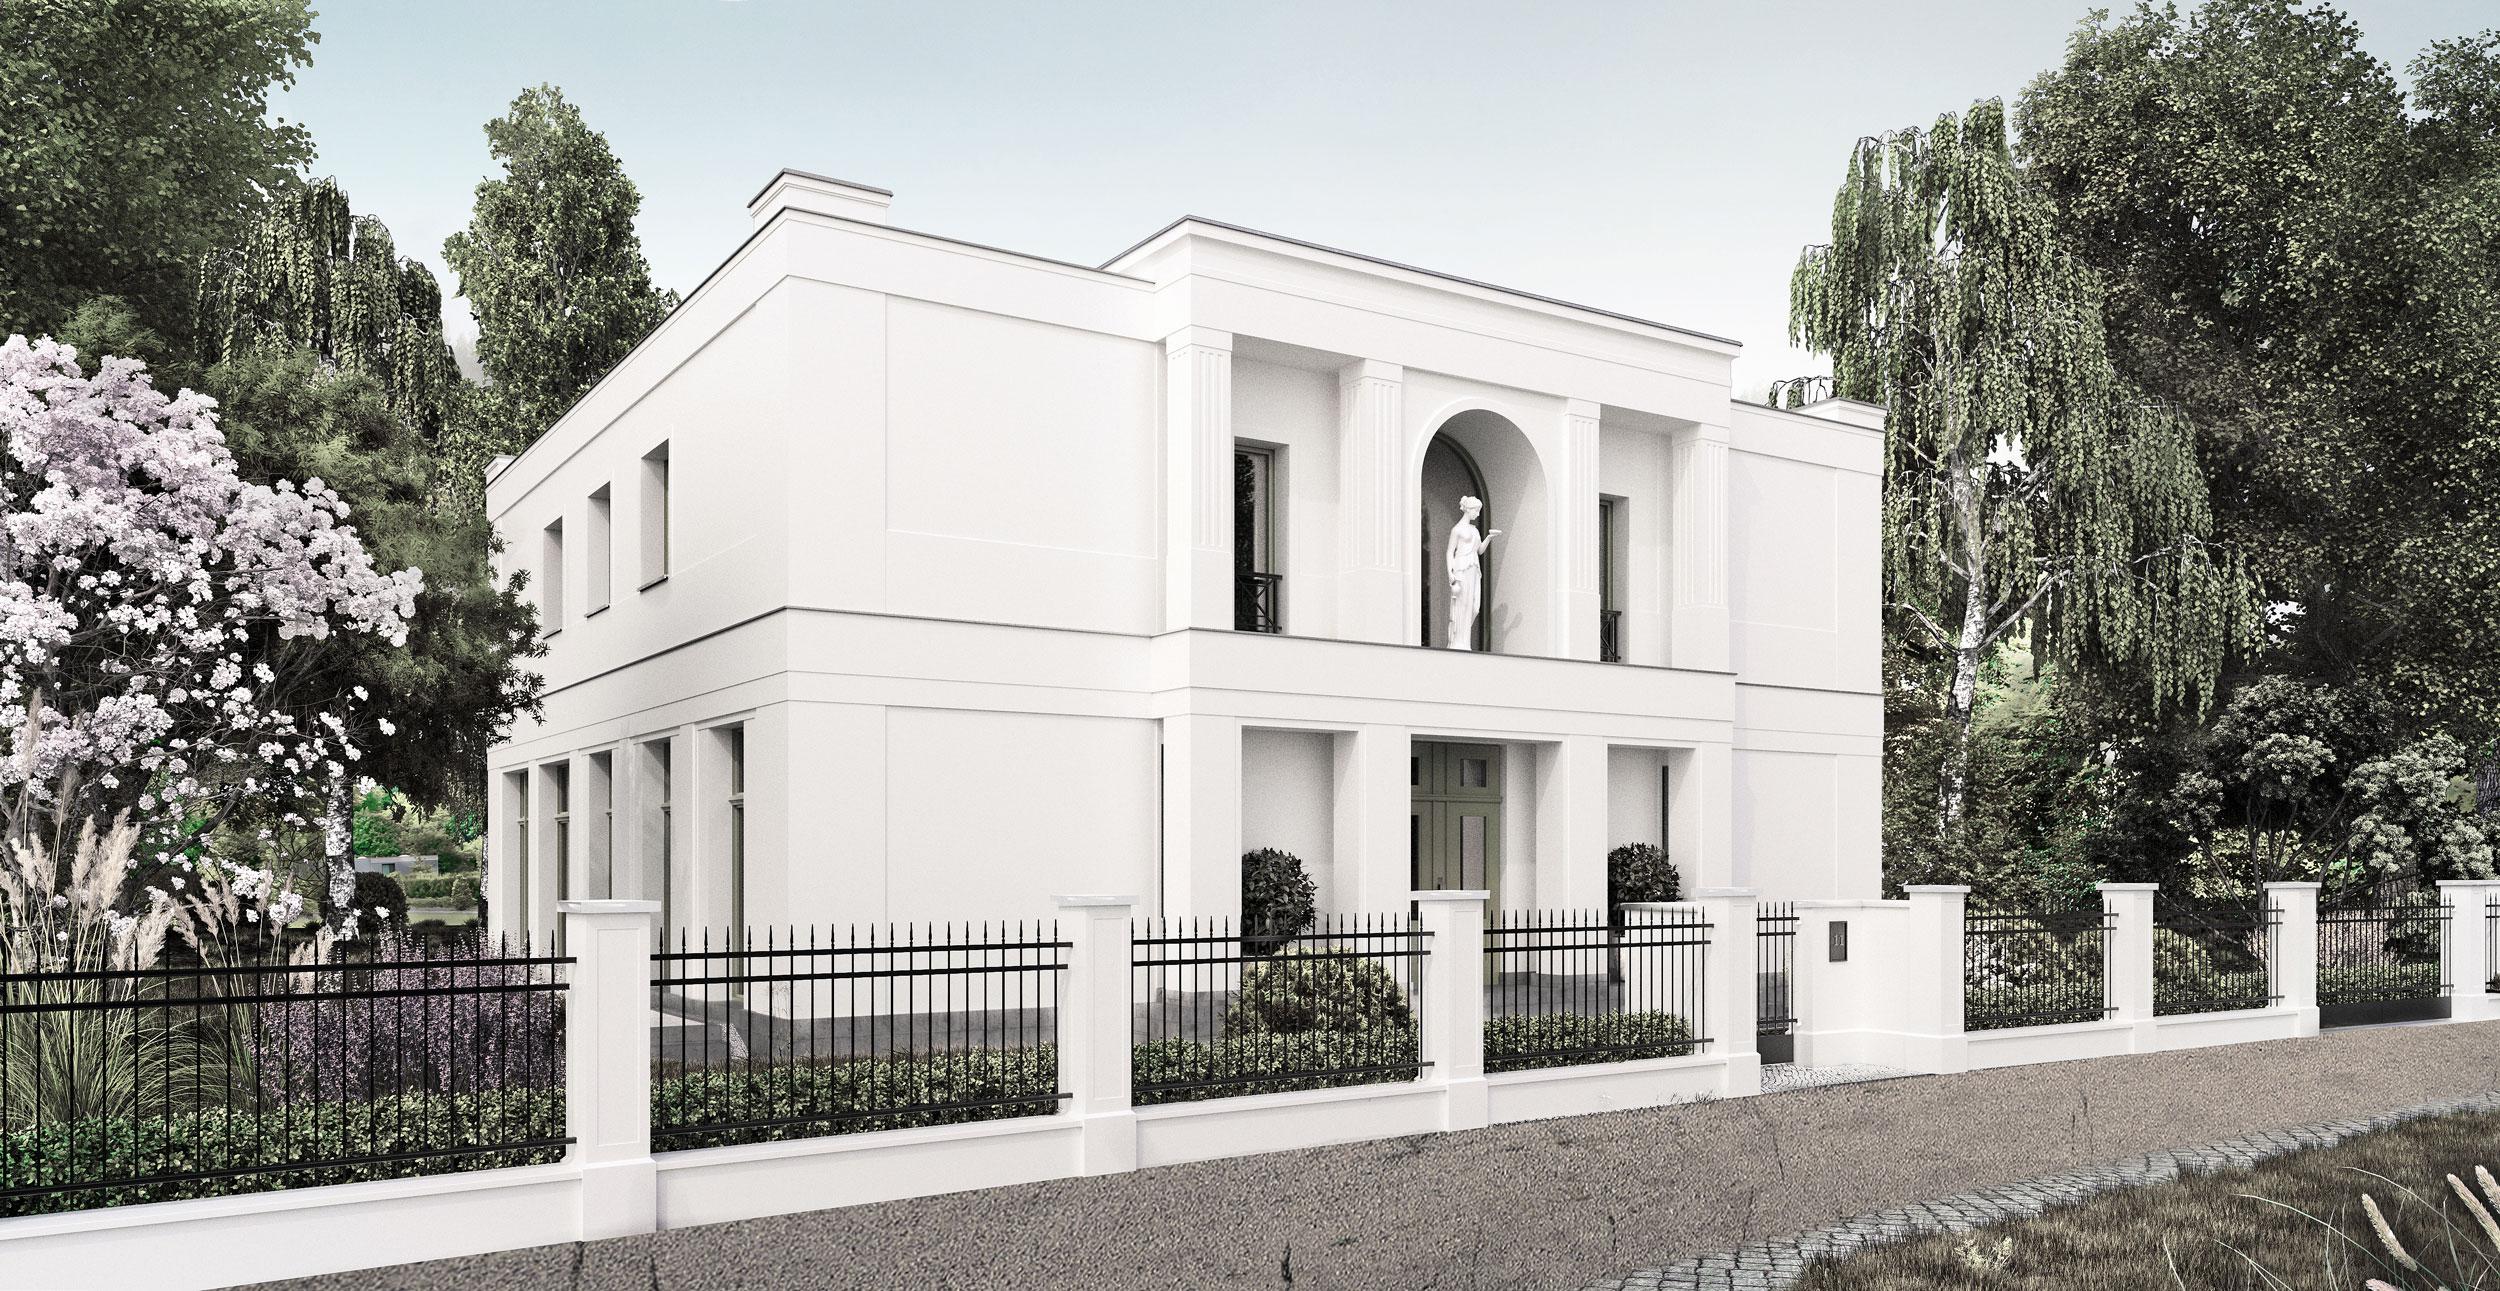 neubau einer villa im klassik stil mit mittelrisalit in potsdam. Black Bedroom Furniture Sets. Home Design Ideas